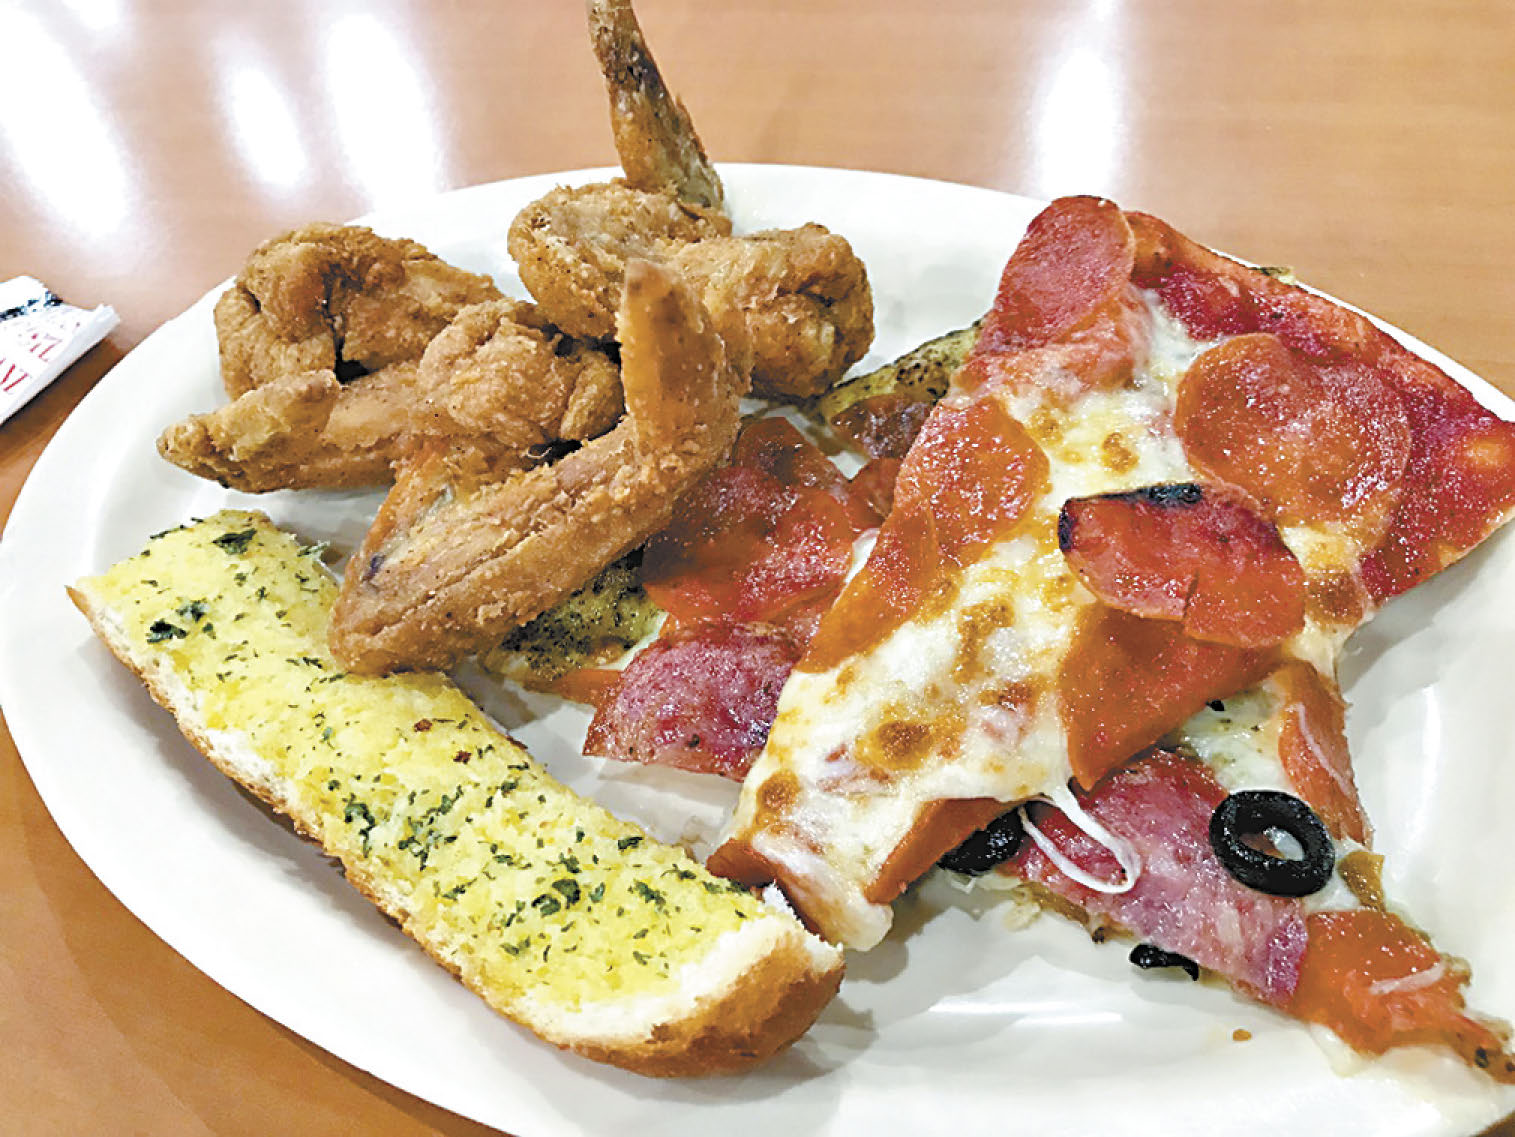 炸雞翅、蒜香麵包、Pepperoni 義大利辣味香腸披薩,頭盤的開胃菜就以充滿美式風情的高熱量食物組合來開啟開懷飽餐一頓的序幕。